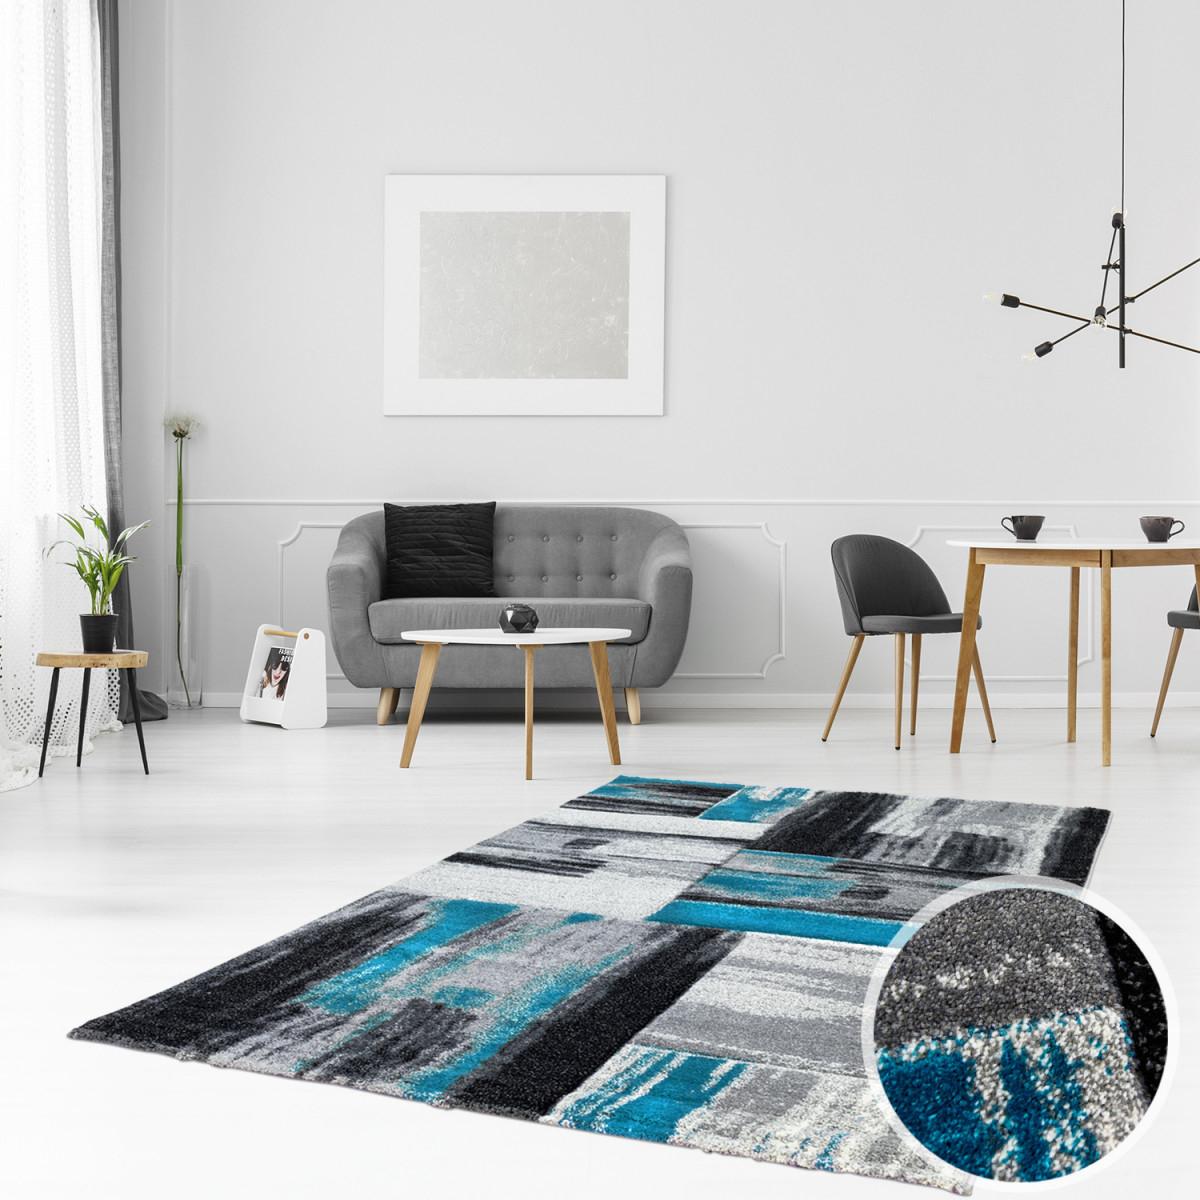 Teppich Modern Flachflor Konturenschnitt Hand Carving Meliert Streifen In  Blau Grau Für Wohnzimmer Schlafzimmer Größe In Cm160 X 230 Cm von Blau Teppich Wohnzimmer Bild